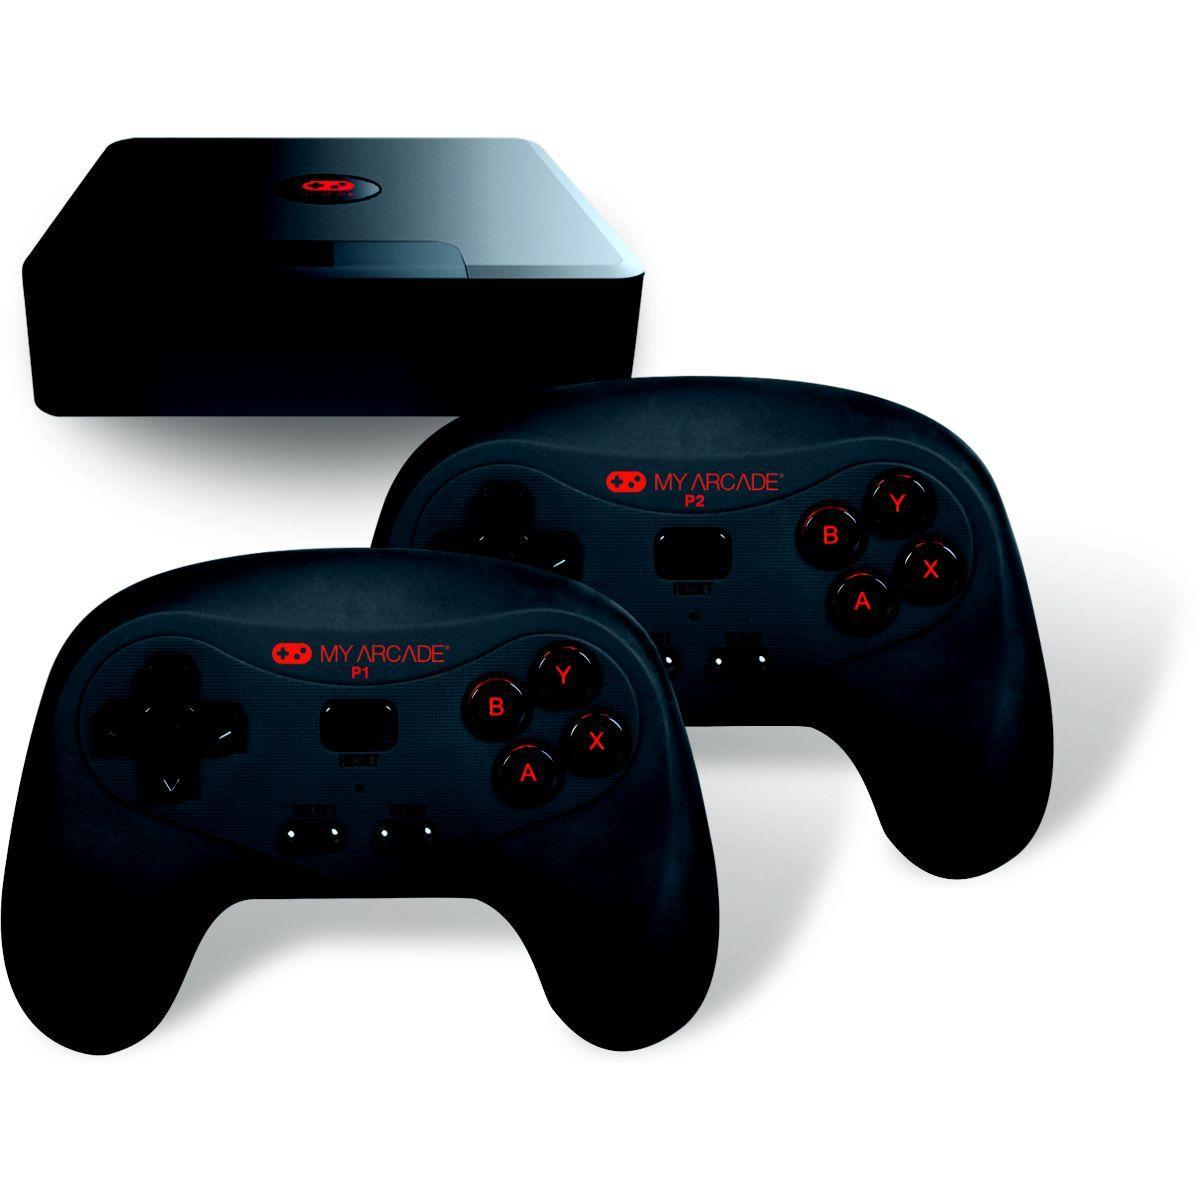 Console r�tro my arcade console + 2 manettes + 300 jeux int�gr�s - 2% de remise imm�diate avec le code : school2 (photo)